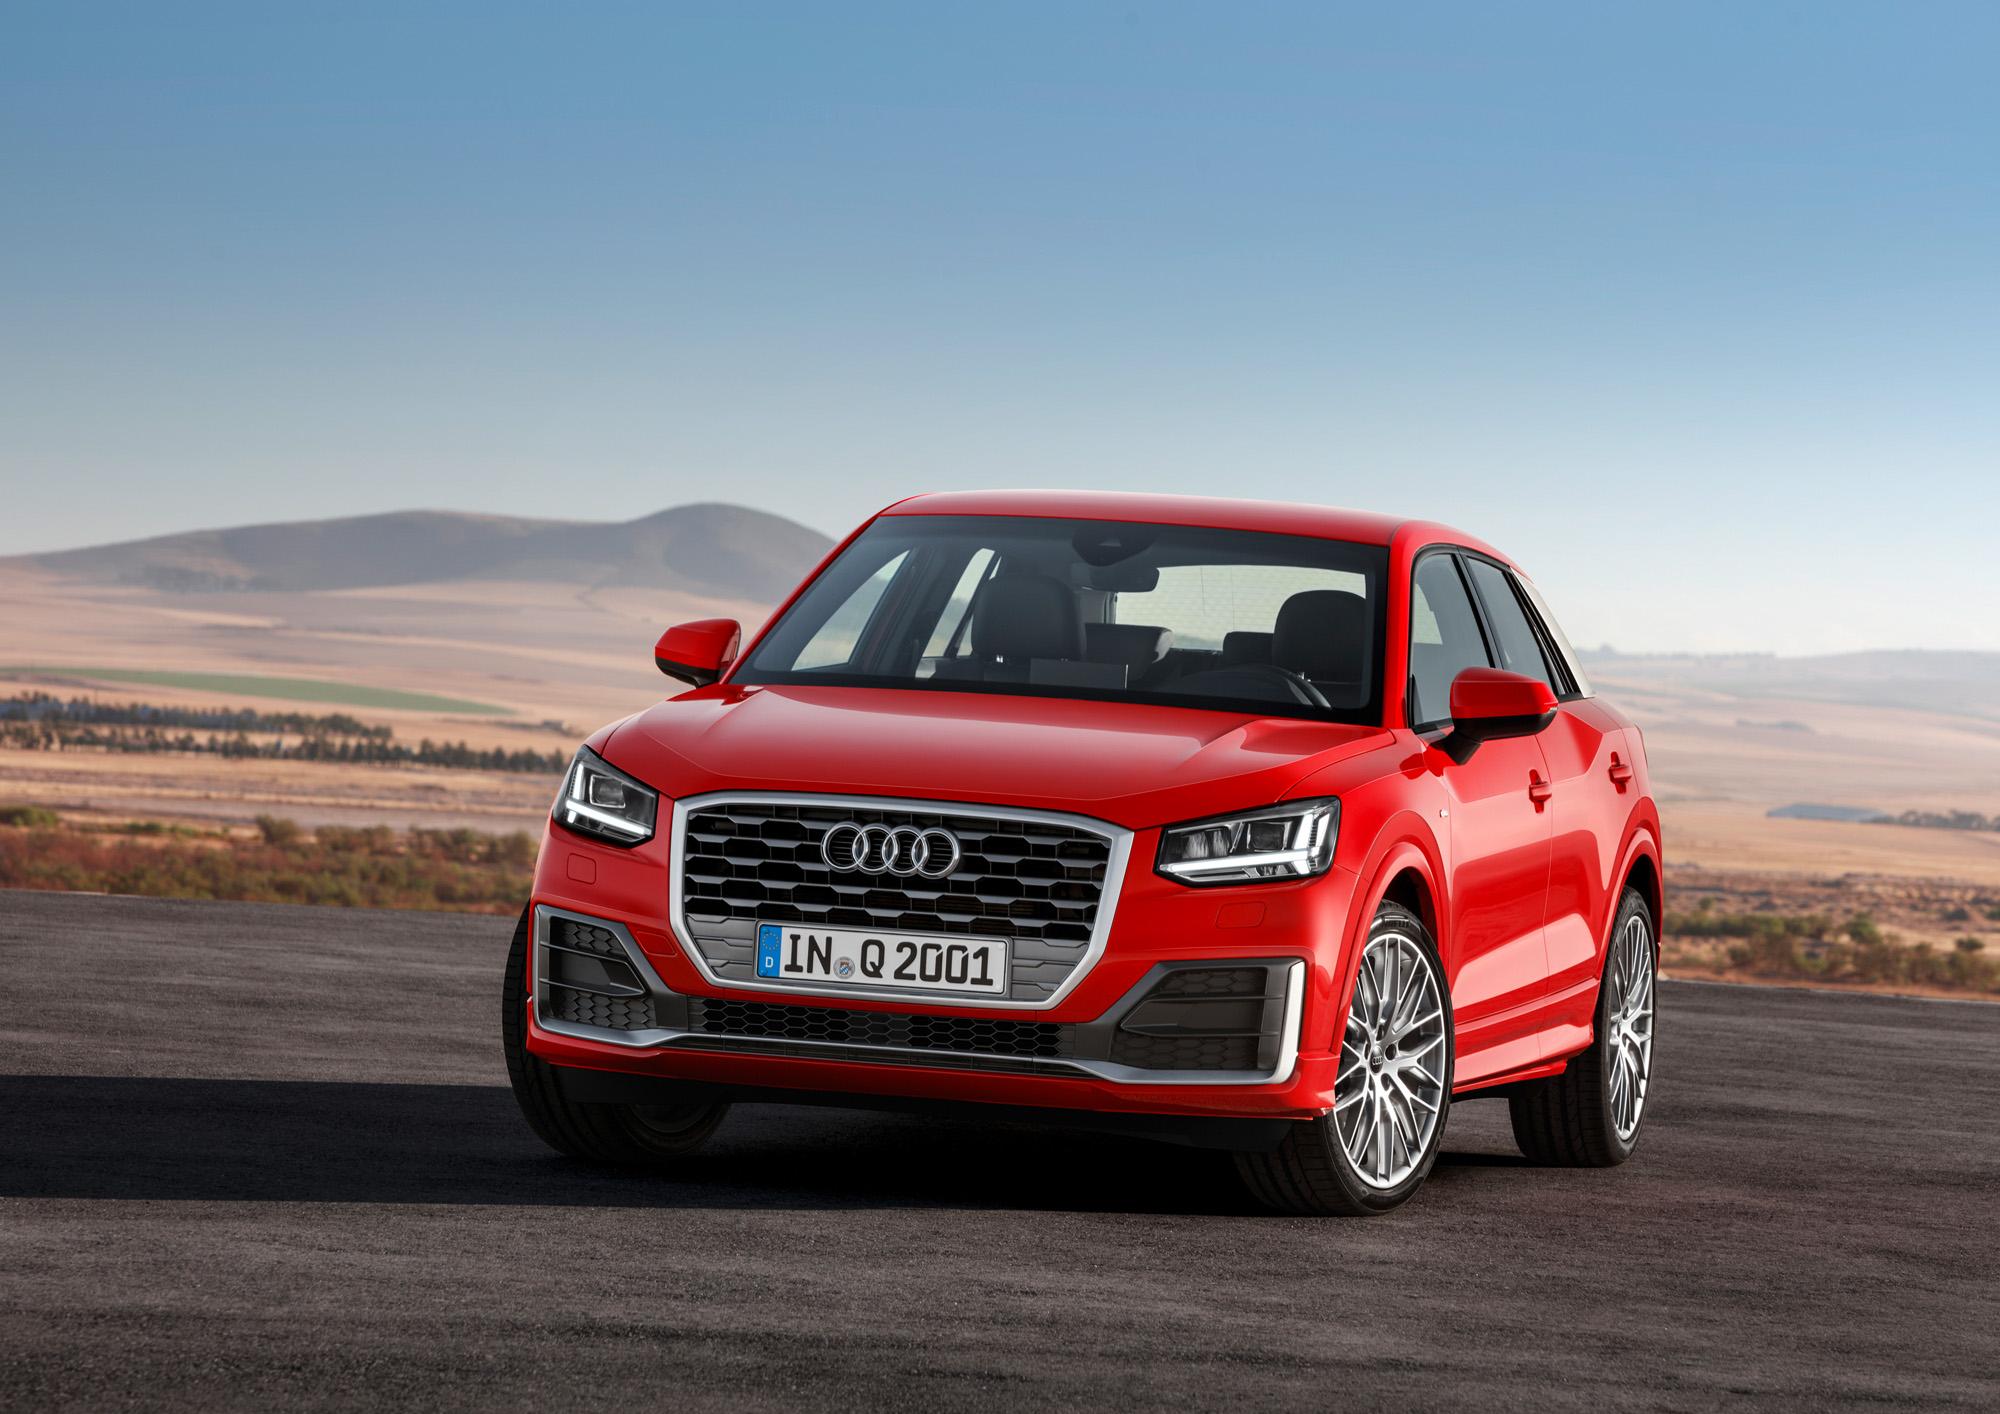 Gerade bei neuen Modellen spielt das Aussehen eine wesentliche Rolle - auch für den Online-Autokauf.